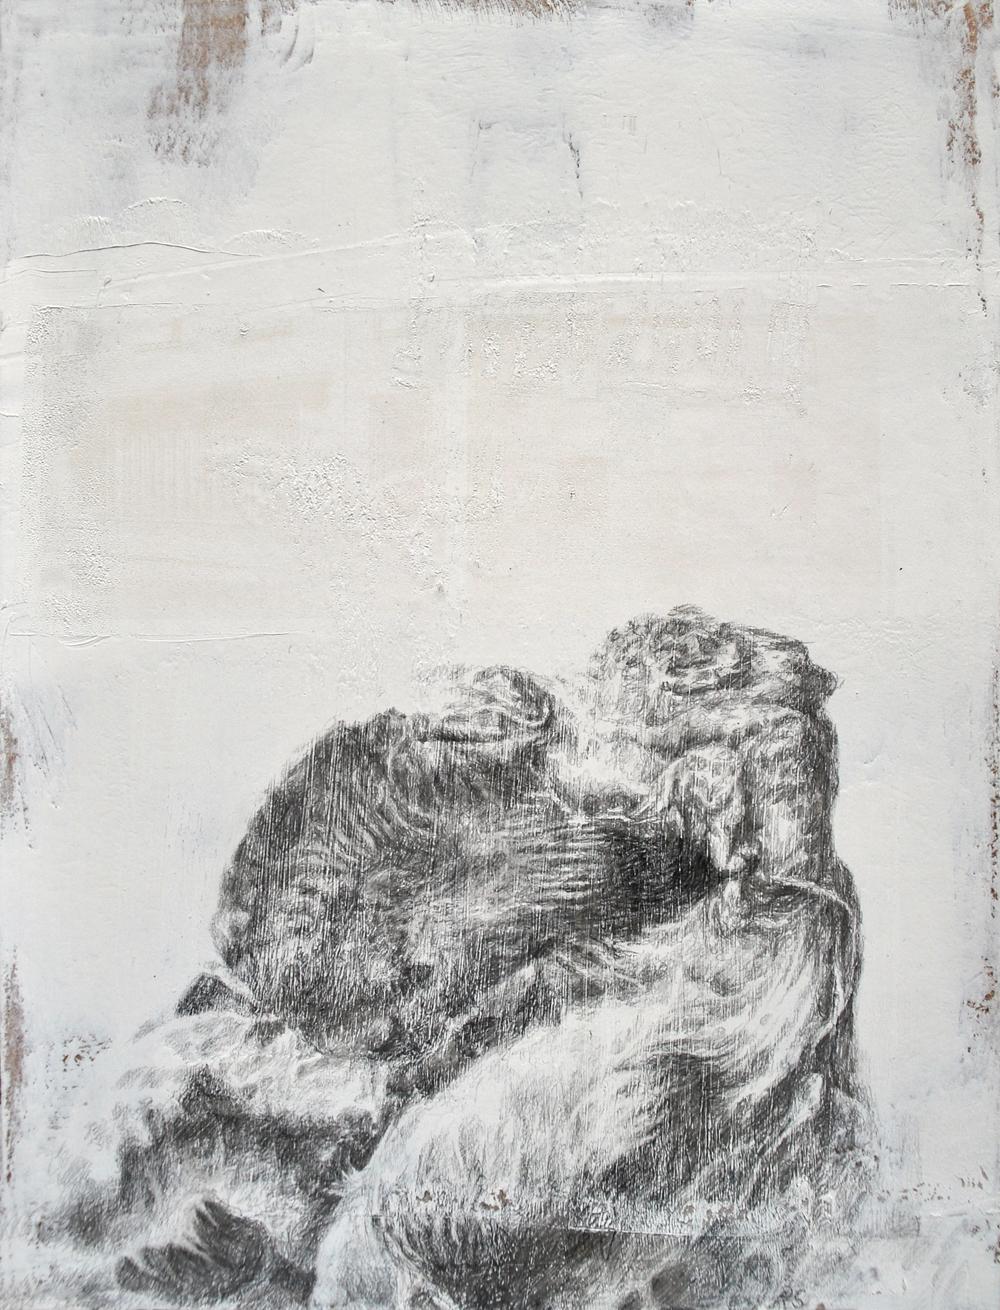 Ramona Schnekenburger, Unnamed 4 (Wal), 2020, Öl und Bleistift auf Holzplatte, 30 x 24 .